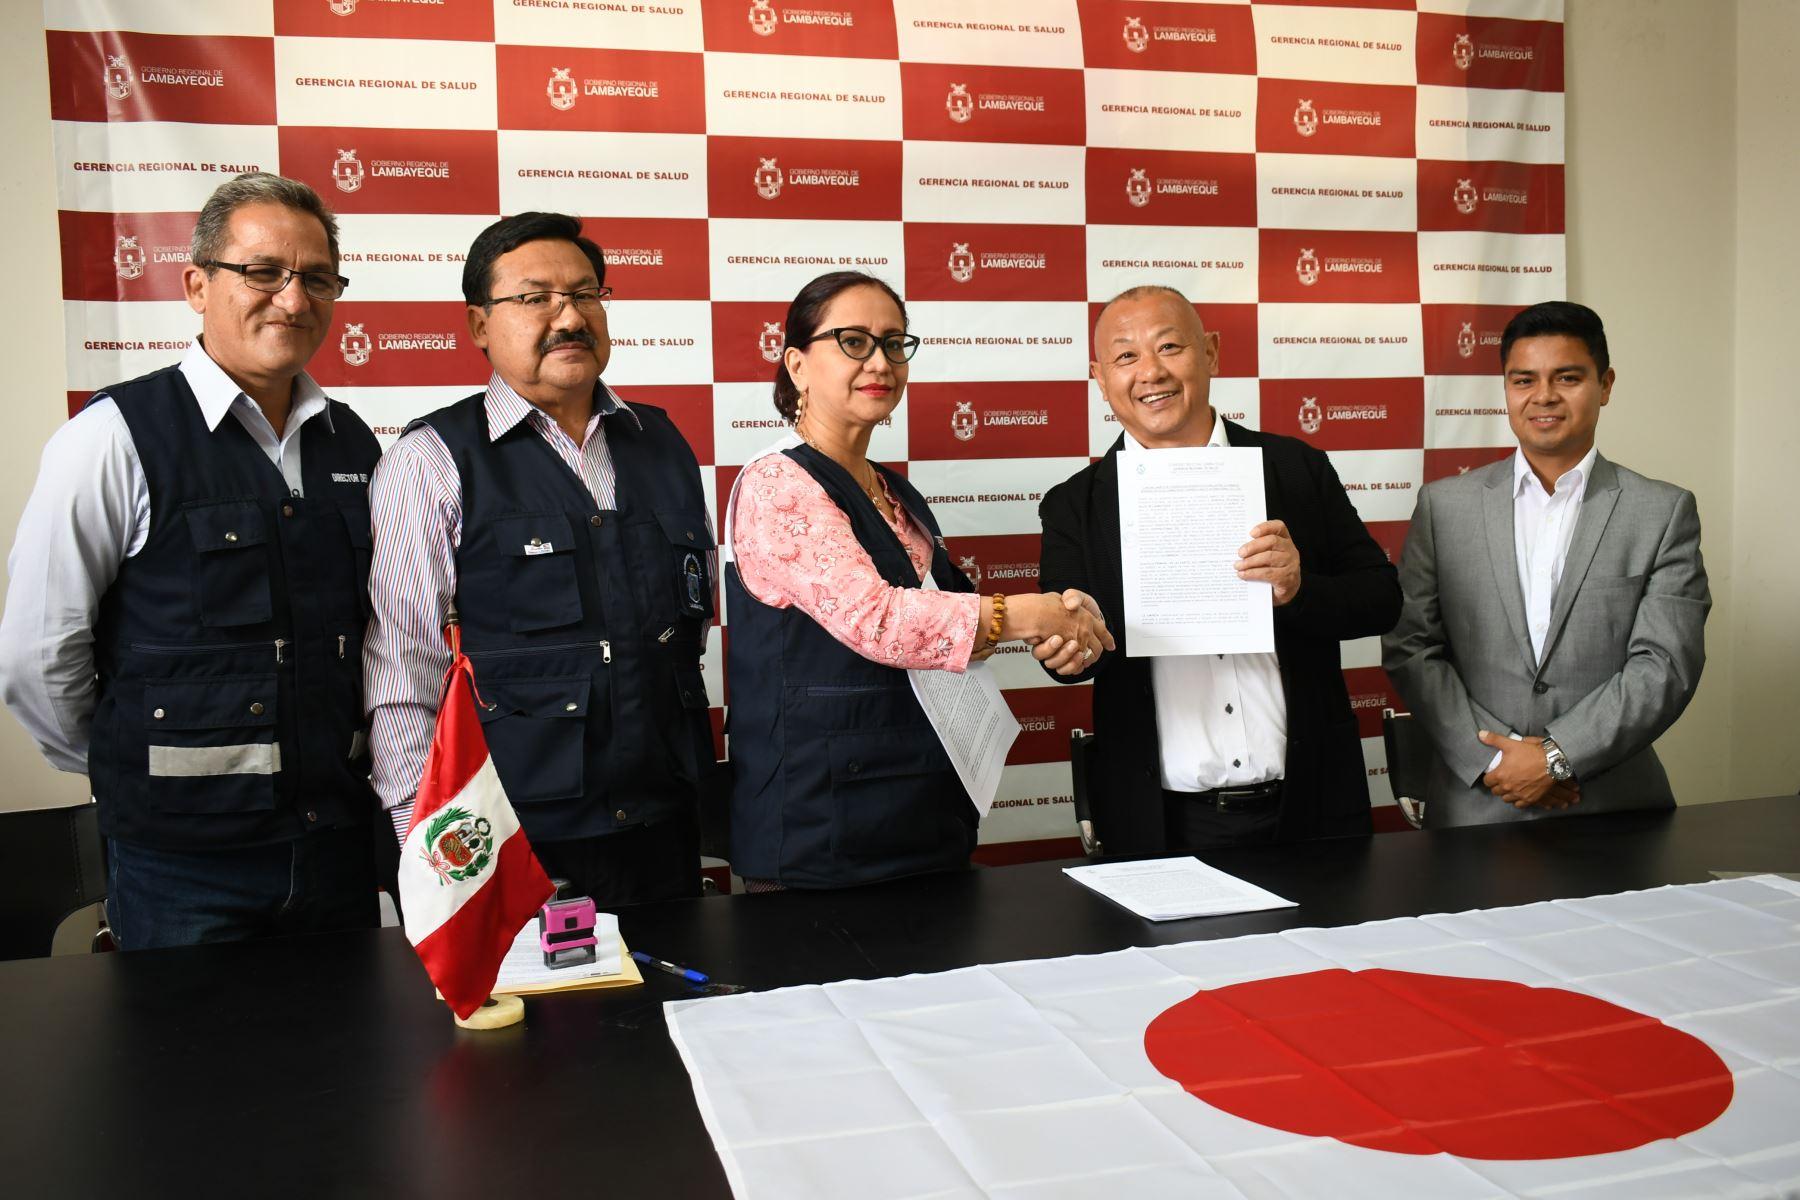 La gerenta regional de Salud de Lambayeque, María Esther Collantes,suscribió convenio con el presidente de la empresa japonesa Ability Internacional CO, Yoshitake Inaga, para instalar plantas piloto en Mórrope y Pacora.